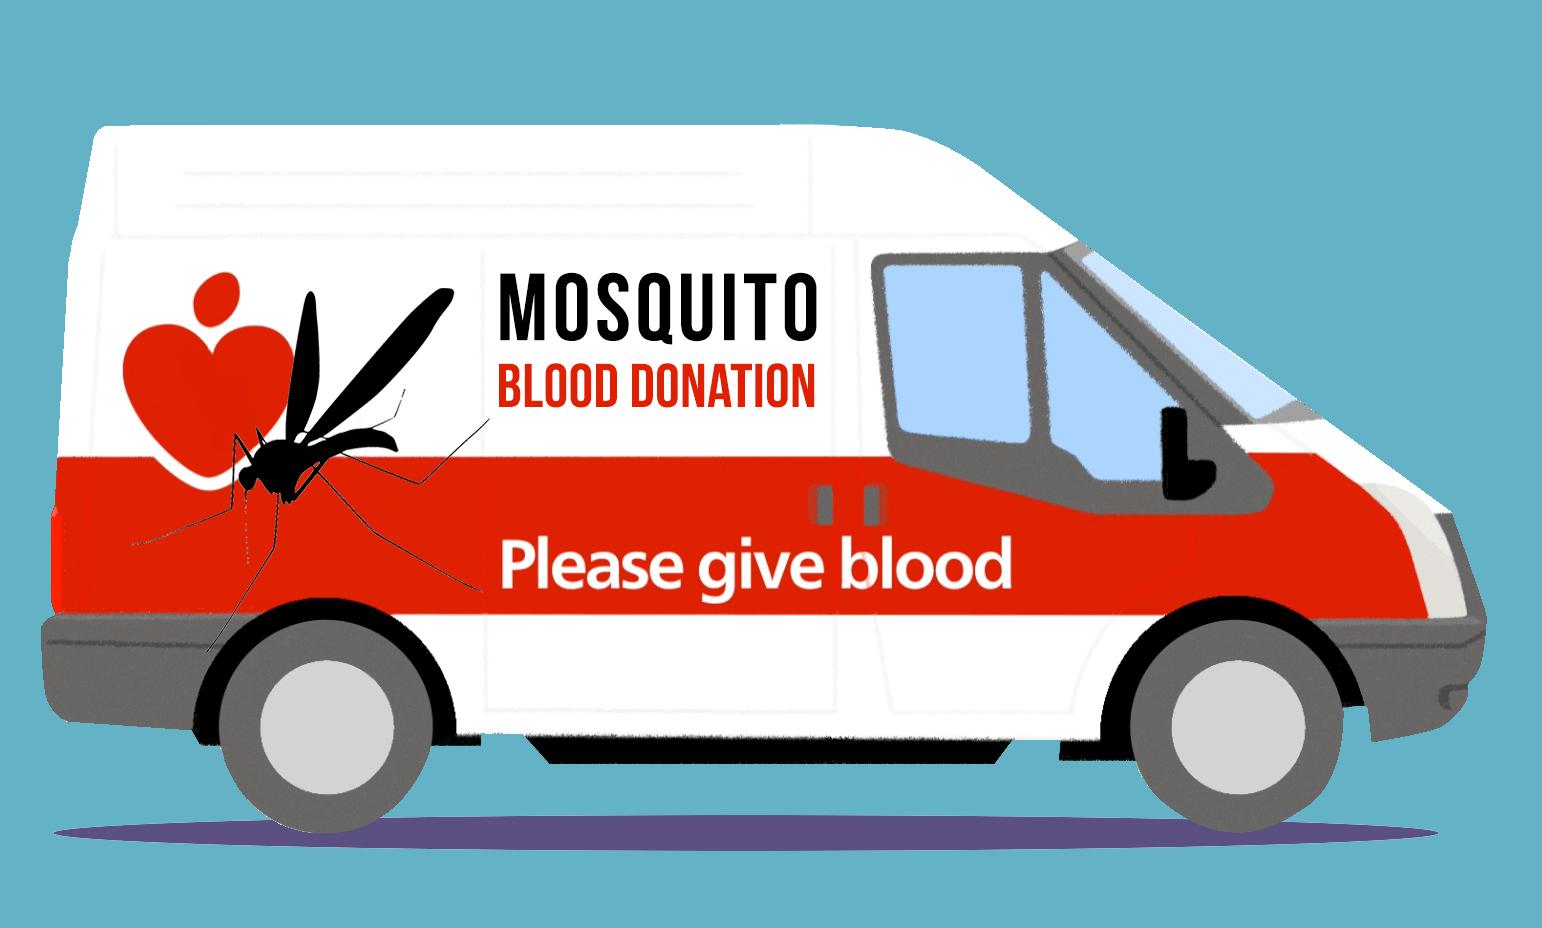 mosquitoblooddonationvan.jpg